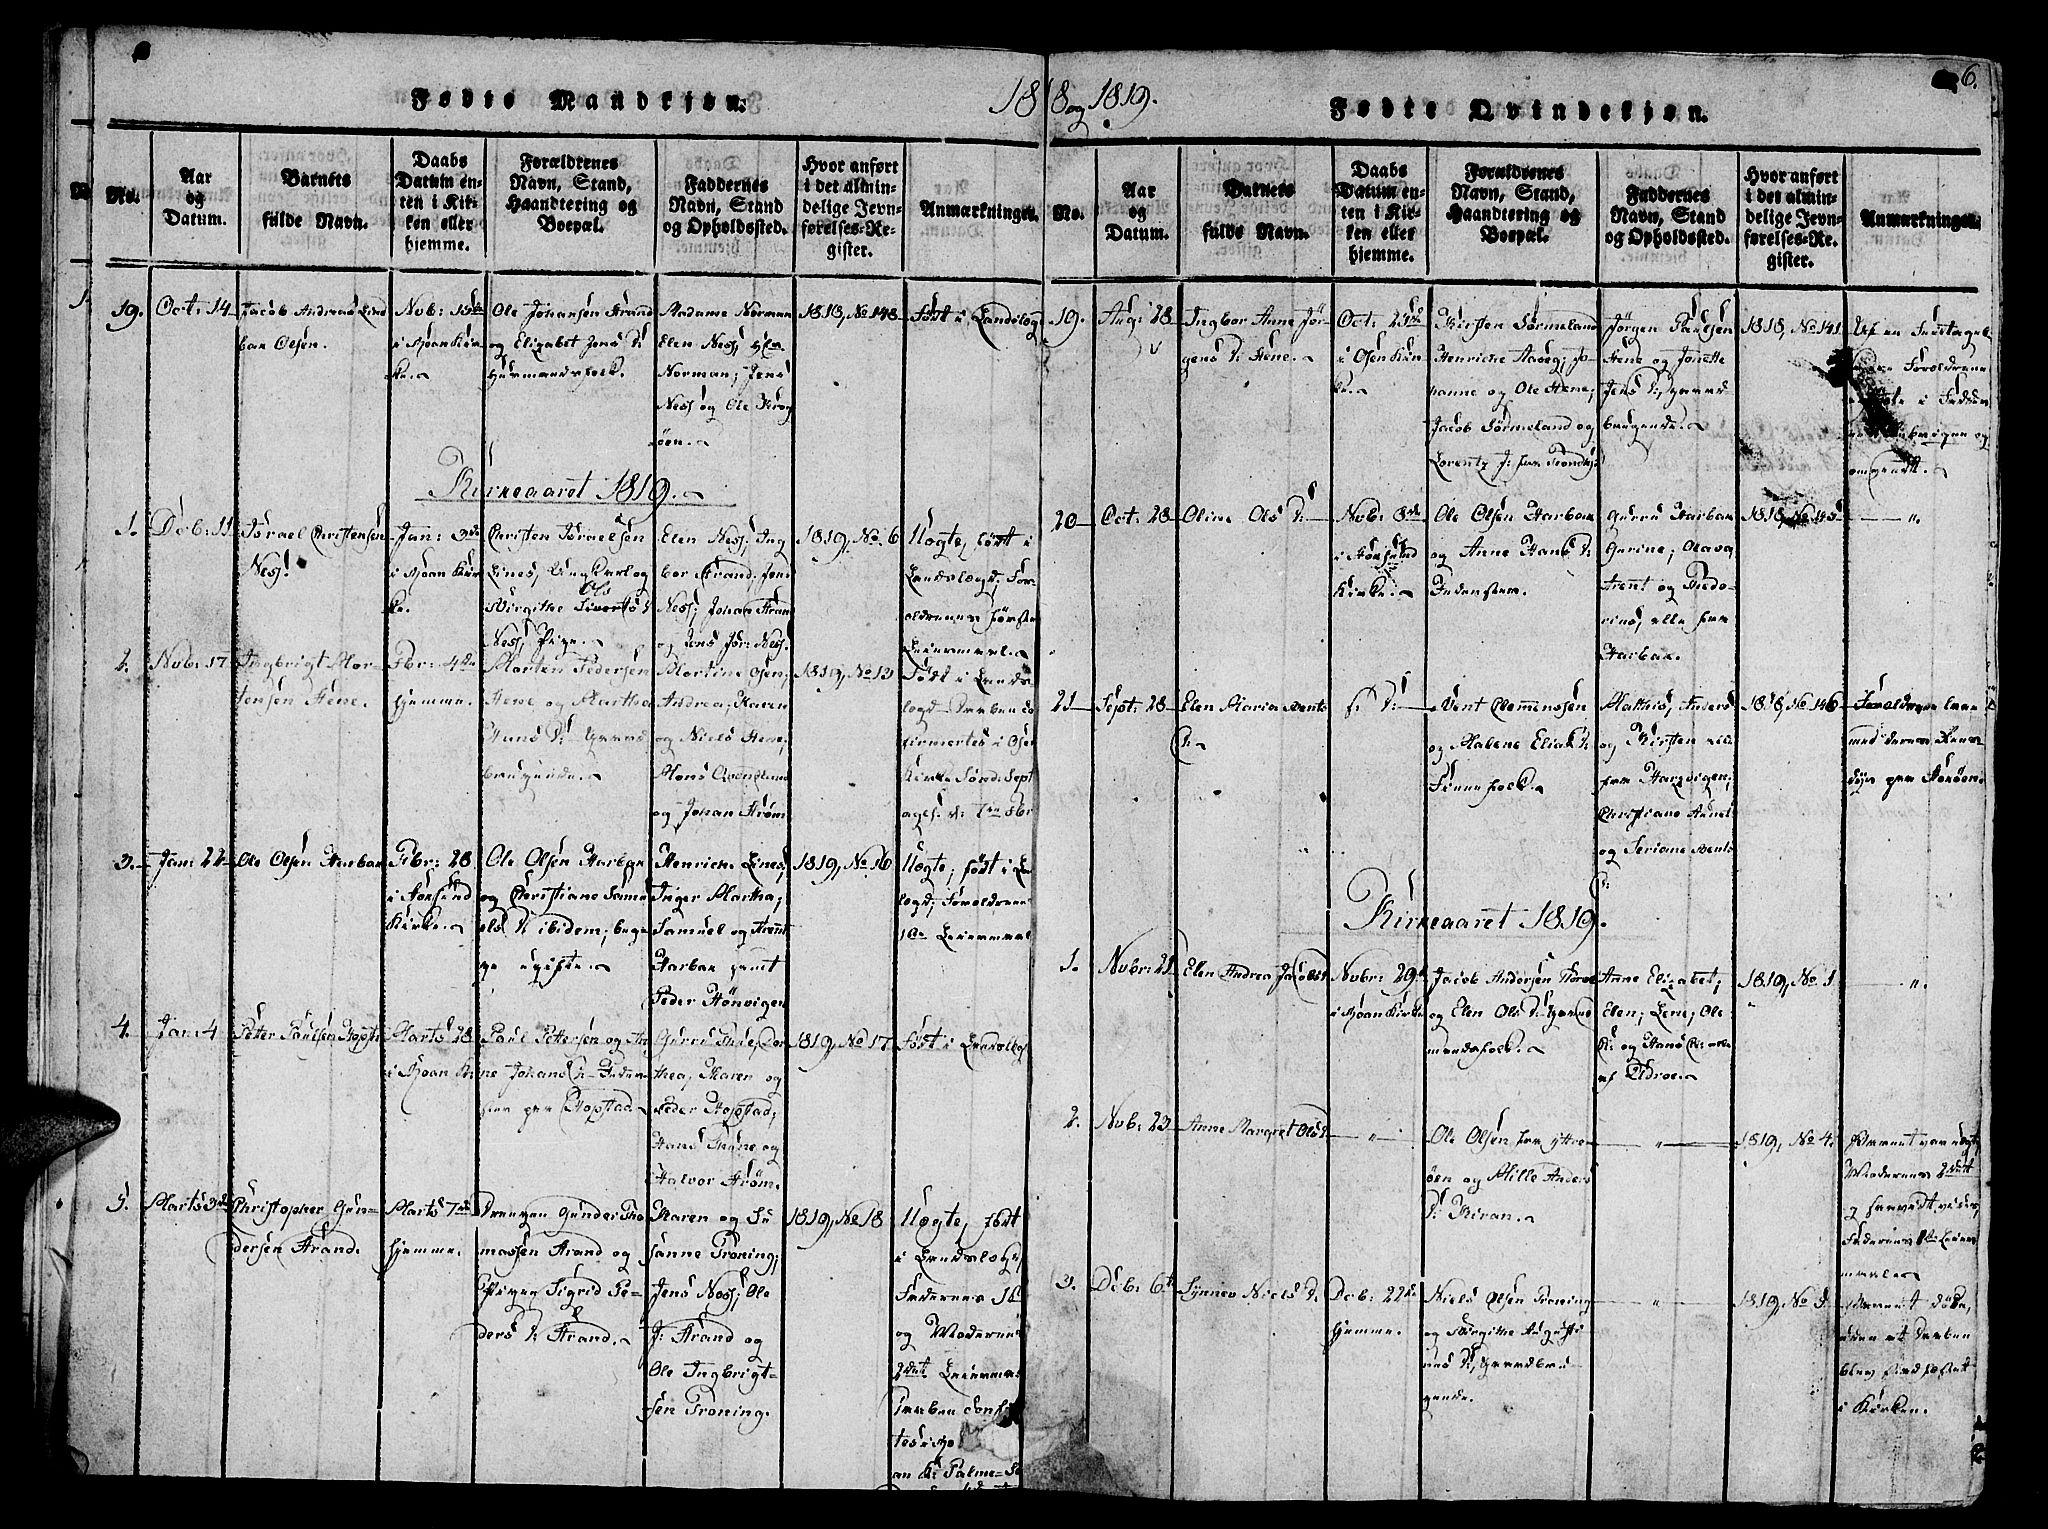 SAT, Ministerialprotokoller, klokkerbøker og fødselsregistre - Sør-Trøndelag, 657/L0702: Ministerialbok nr. 657A03, 1818-1831, s. 6